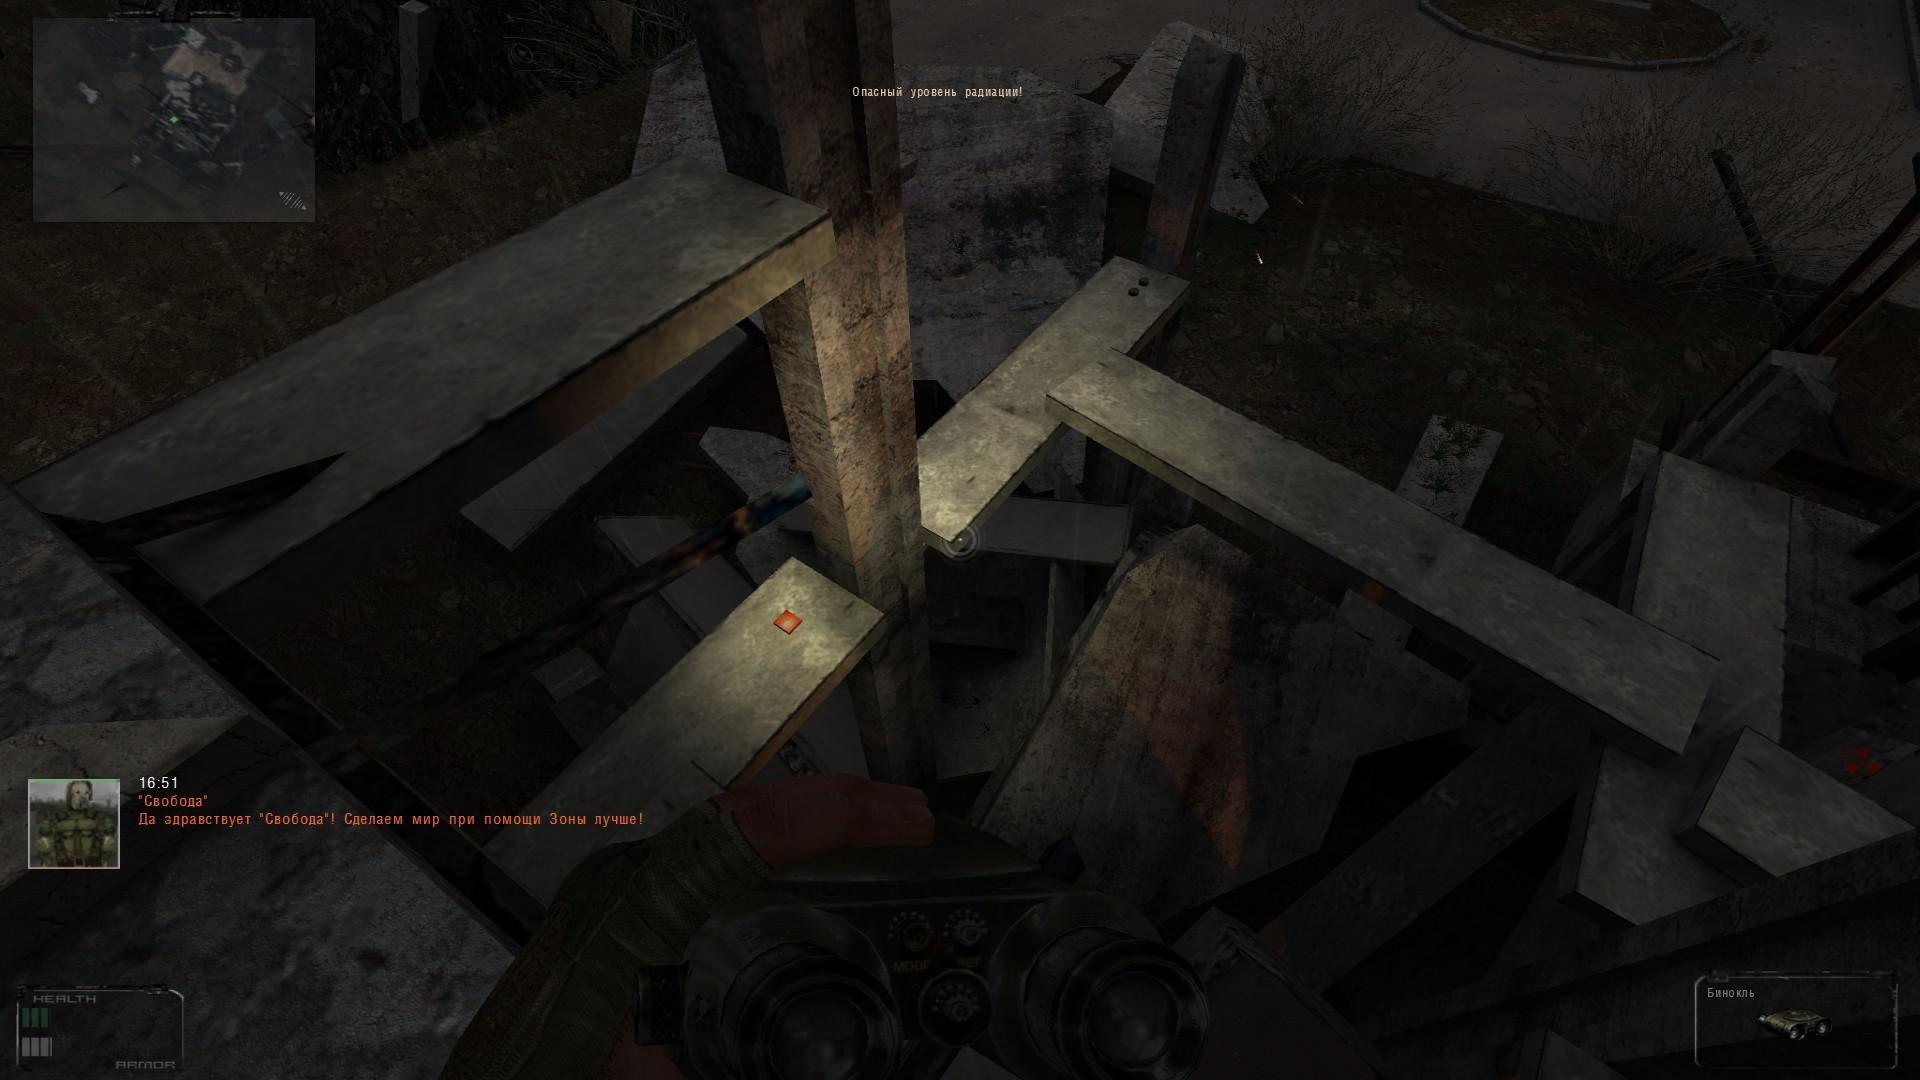 Oblivion Lost Remake 2.5 image 65